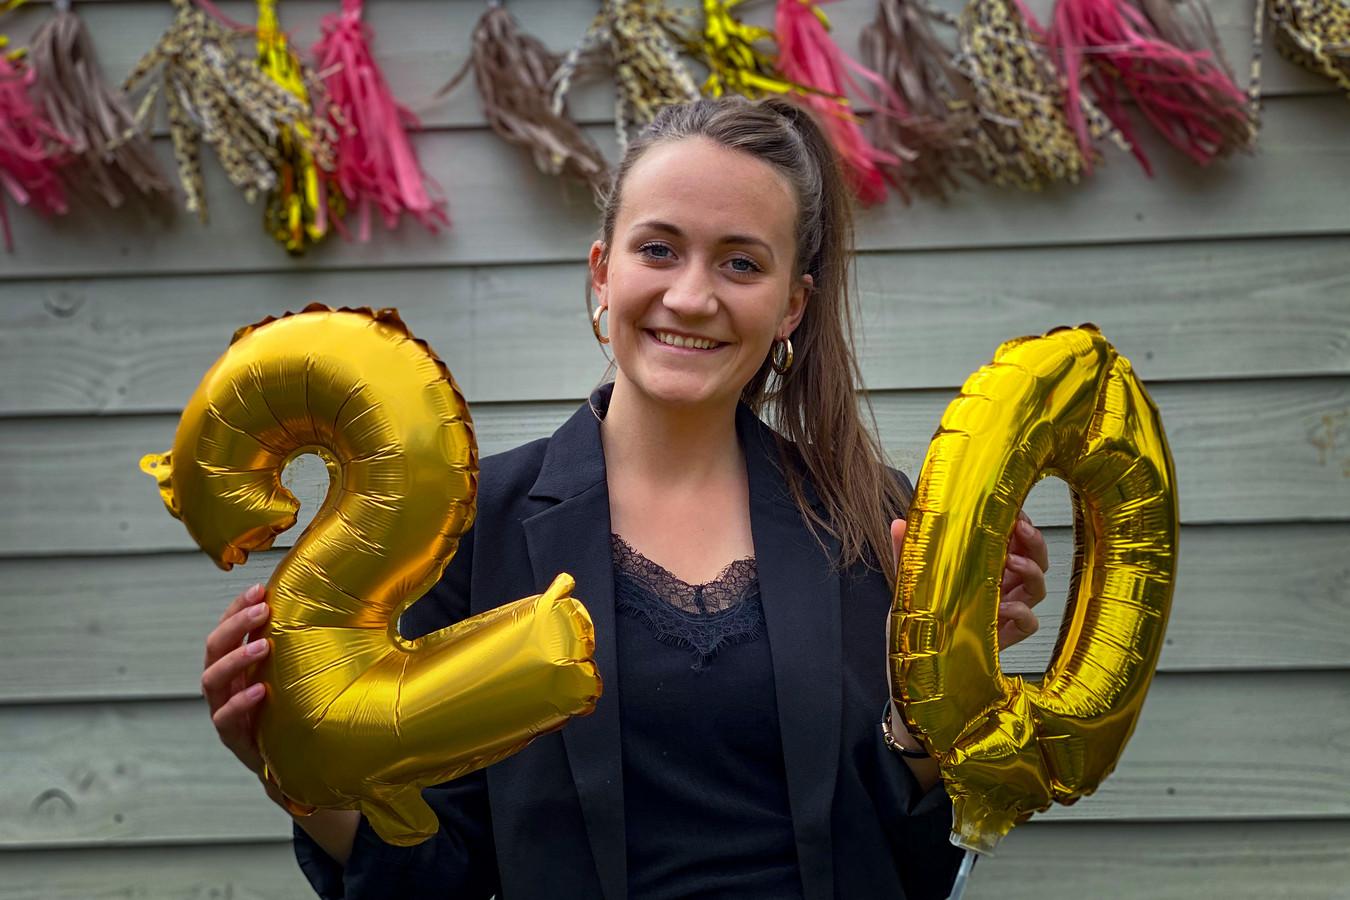 Geen groot feest voor Whitly Felix uit IJsselmuiden op haar 20ste verjaardag, ondanks de dag met mooie getallen.